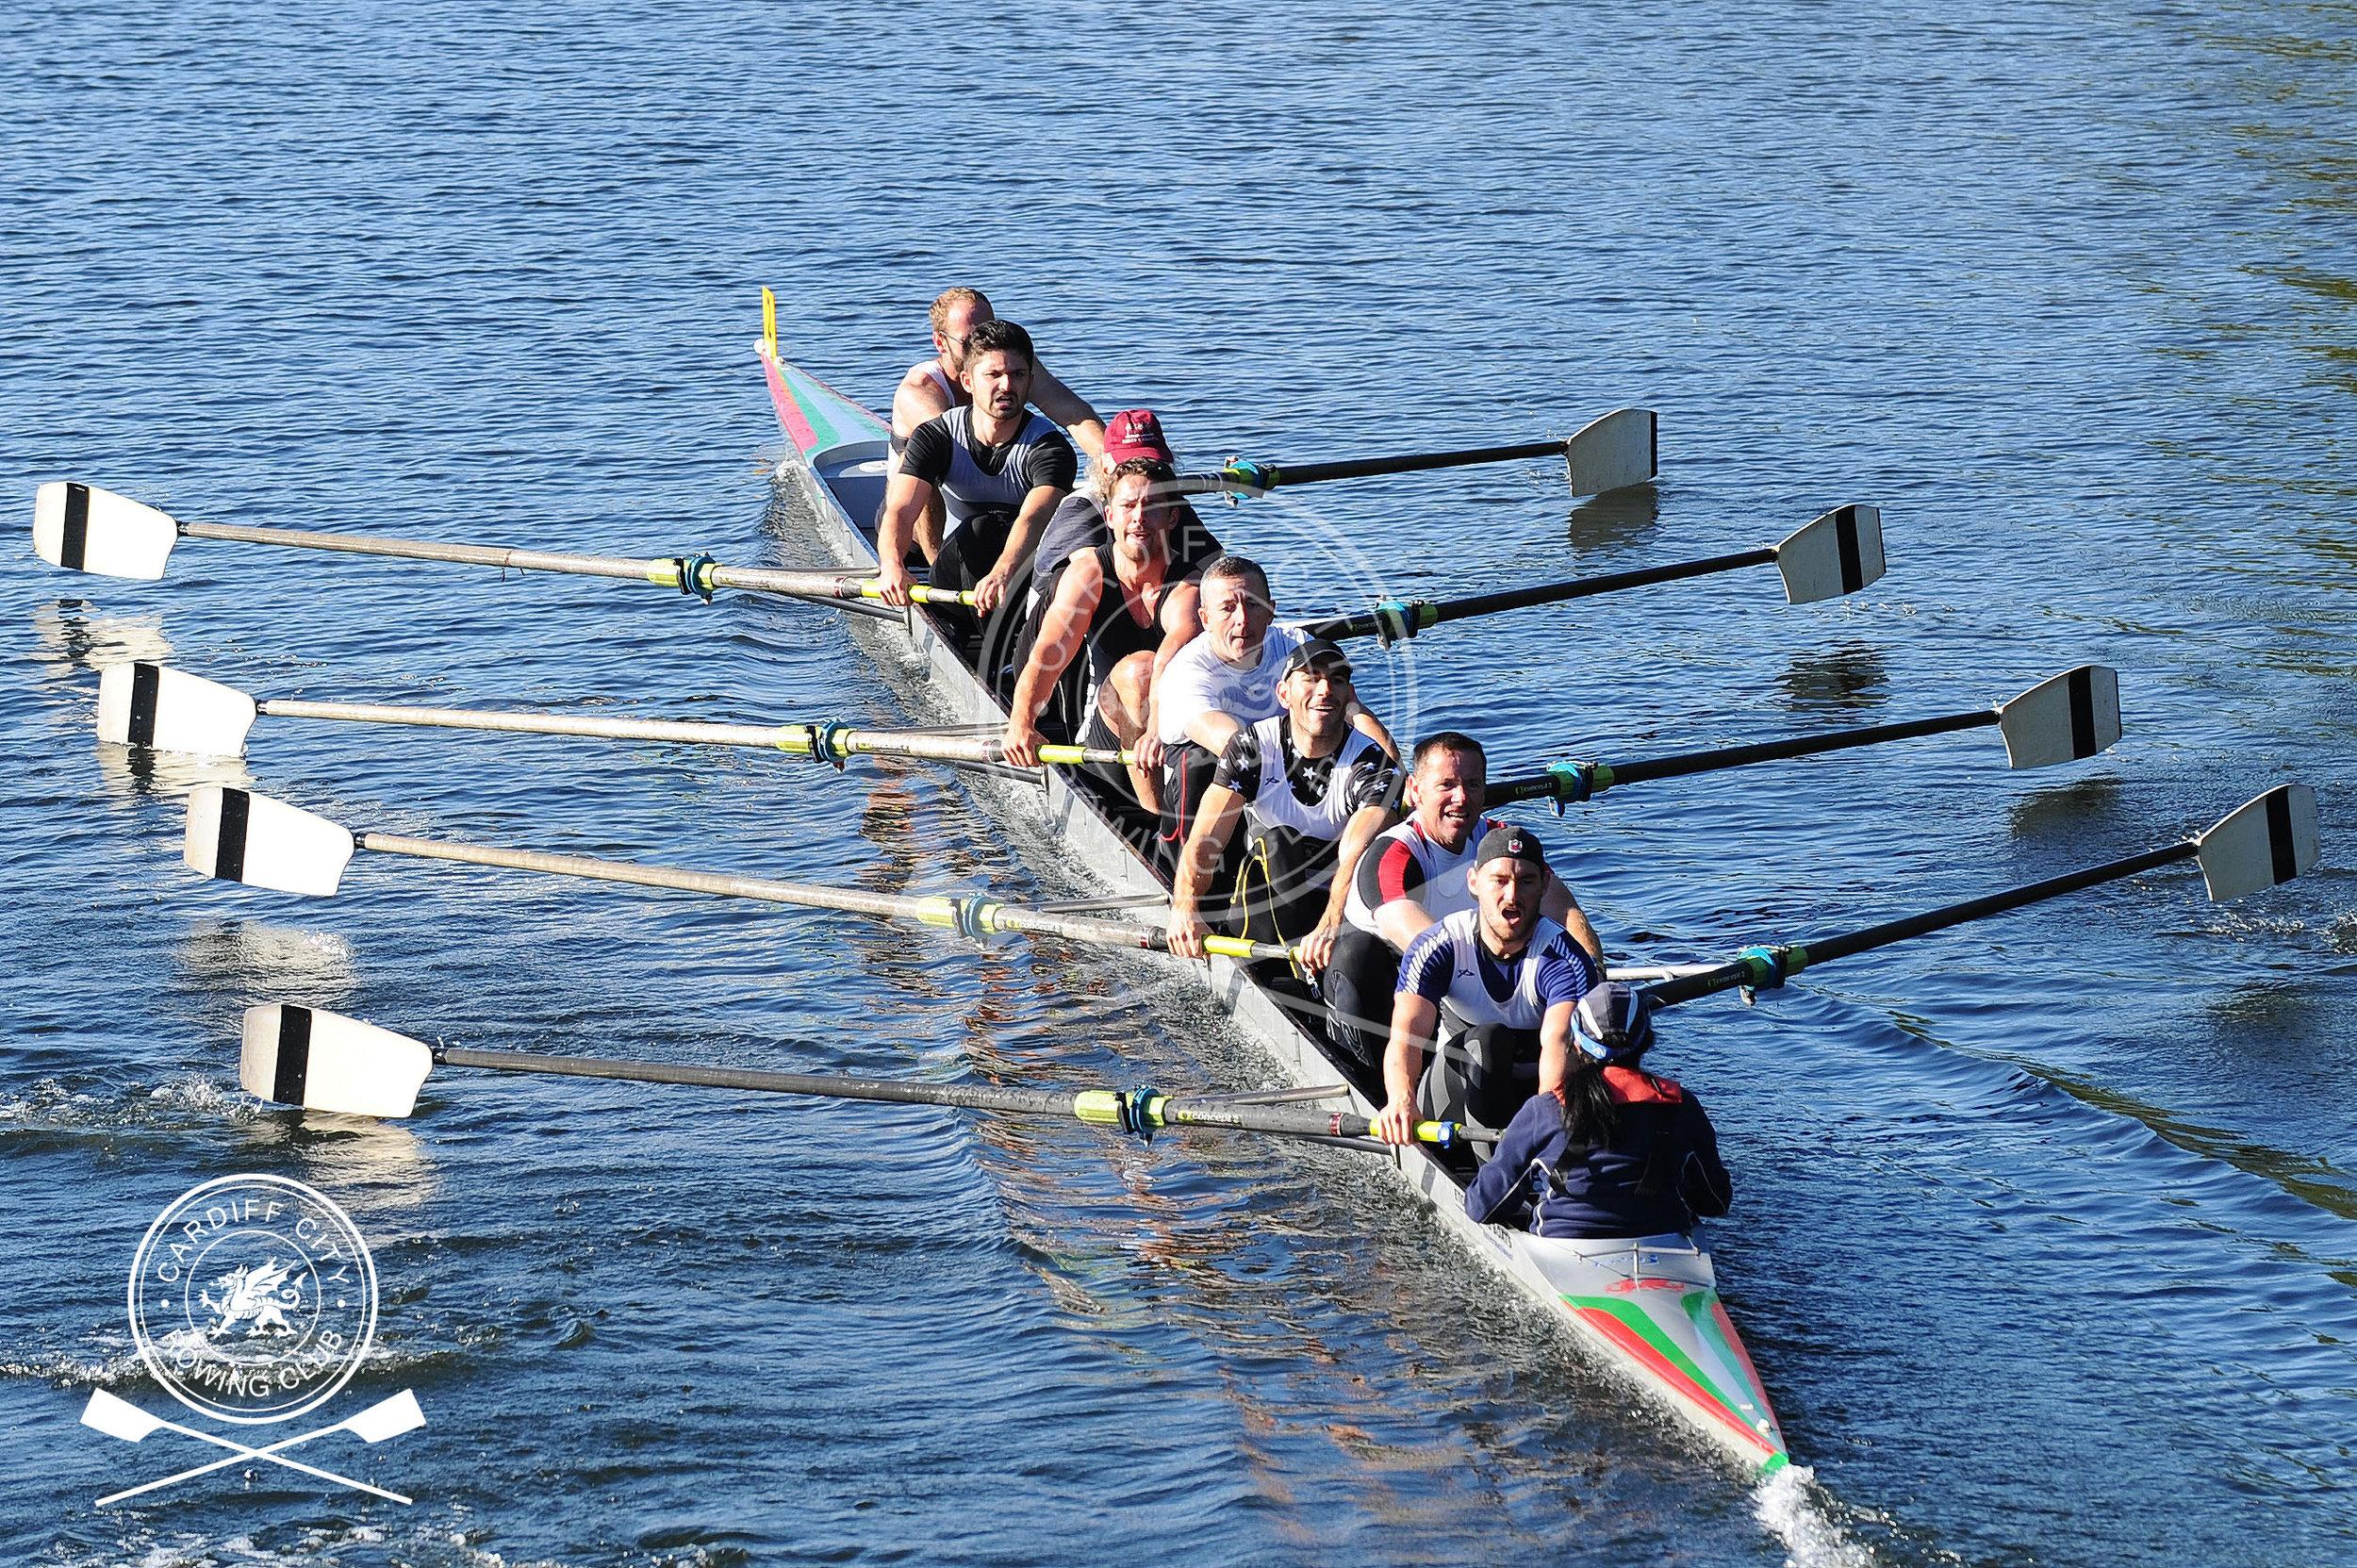 Cardiff_City_Head_Race_13.jpg